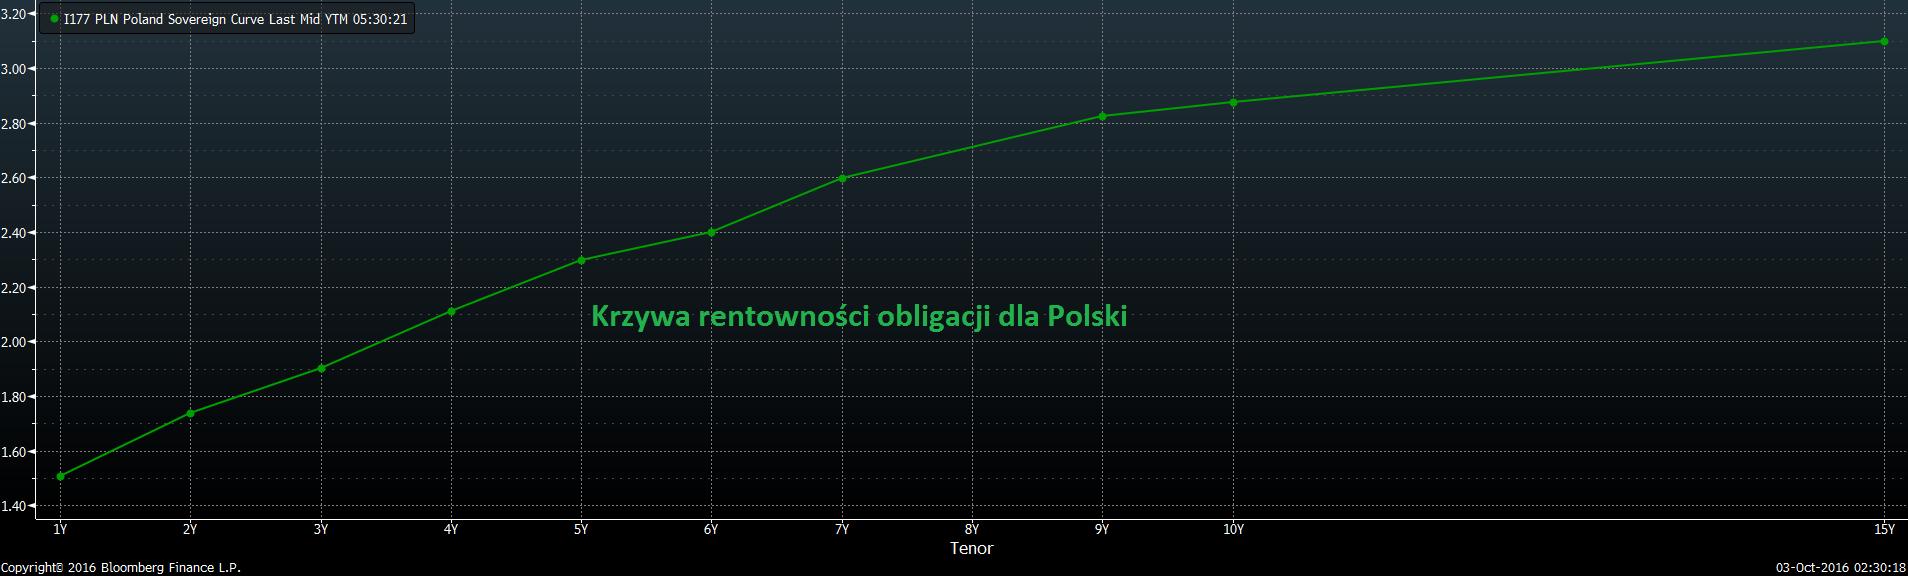 Krzywa dochodowości obligacji dla Polski